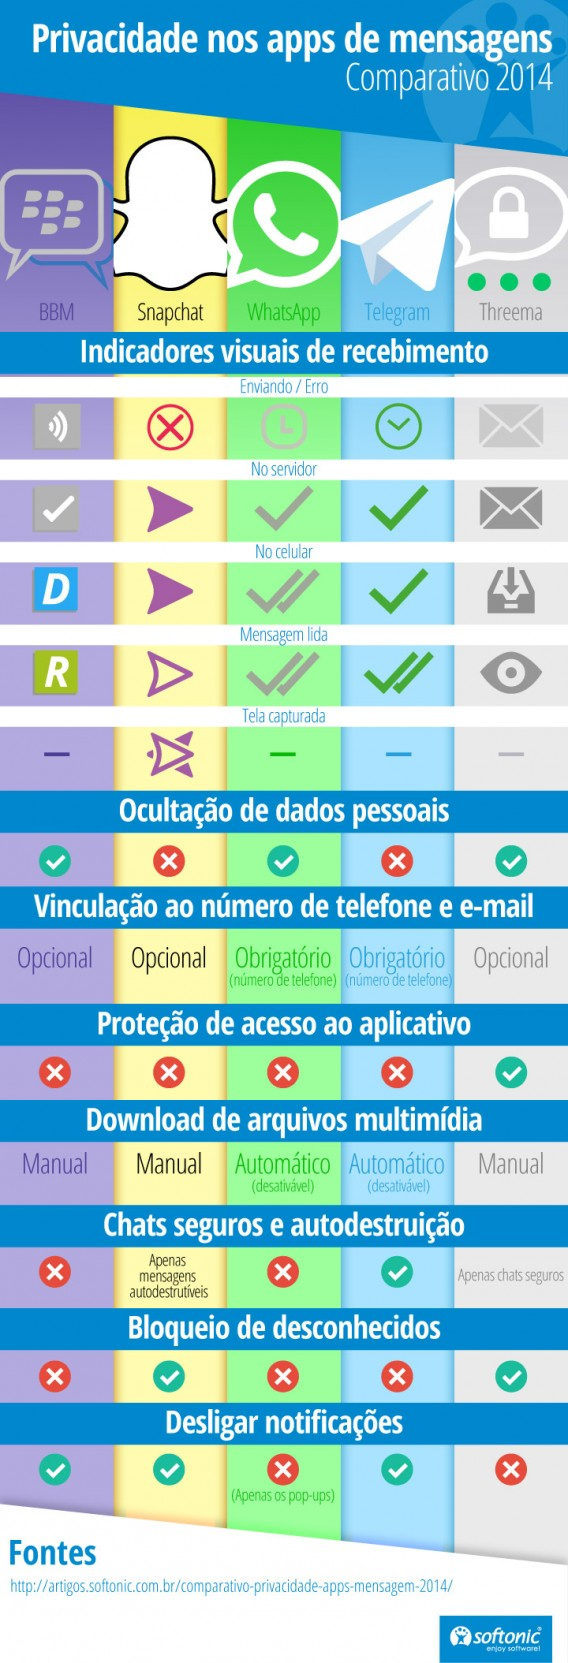 Comparativo Softonic de privacidade dos apps de mensagem